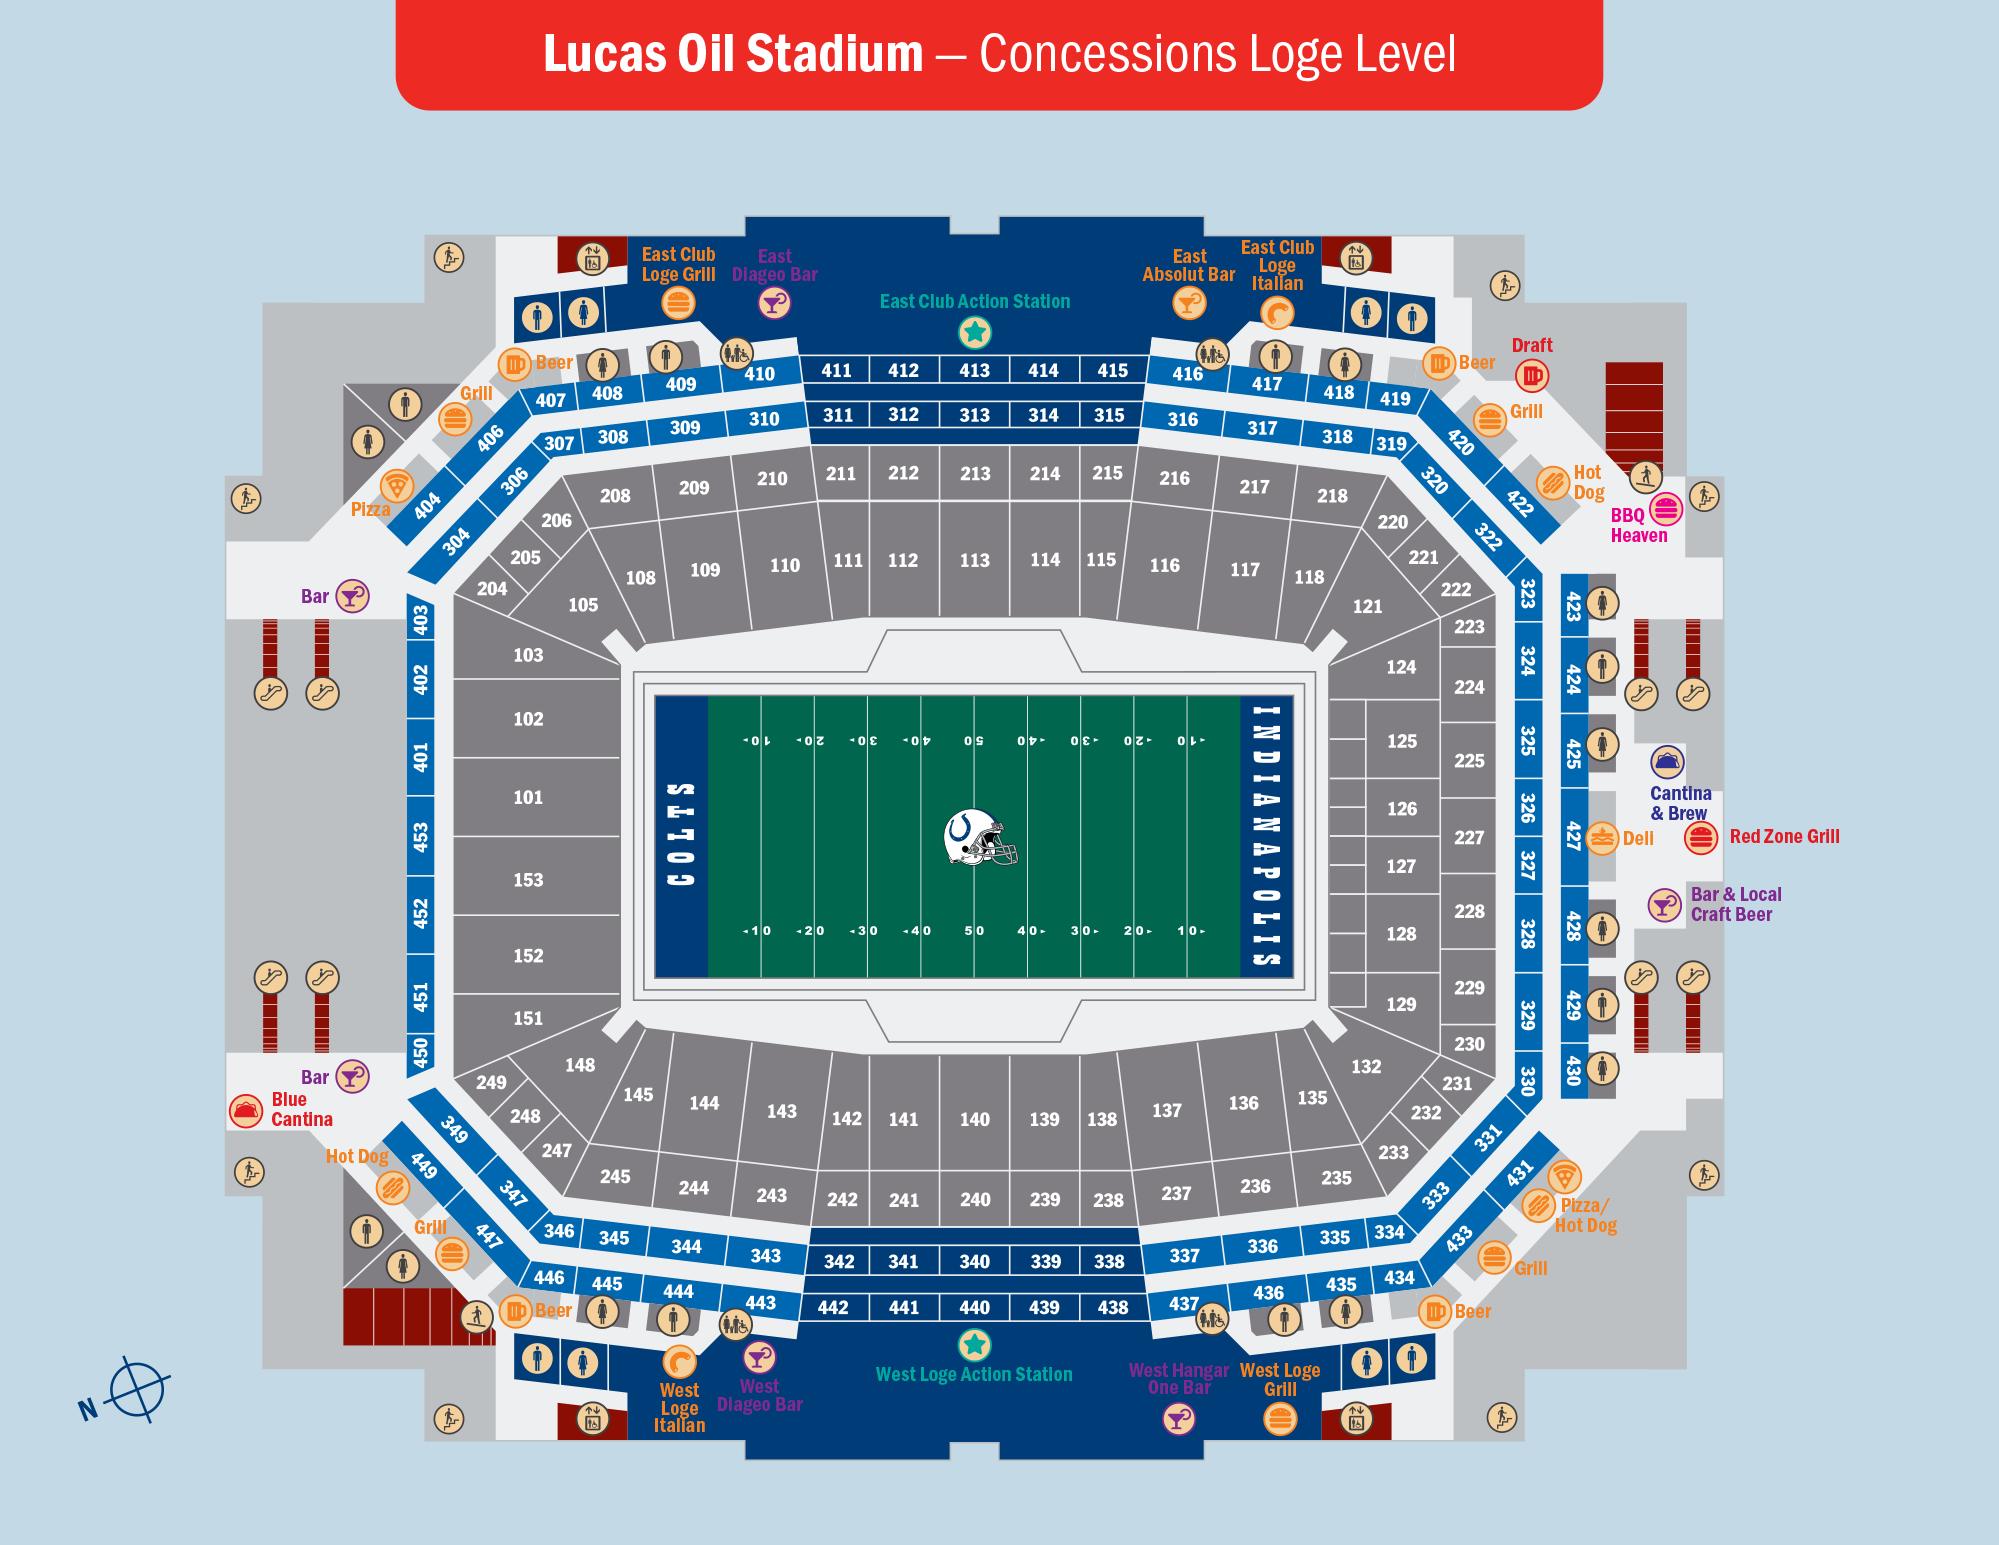 Lucas Oil Stadium Concessions Loge Level